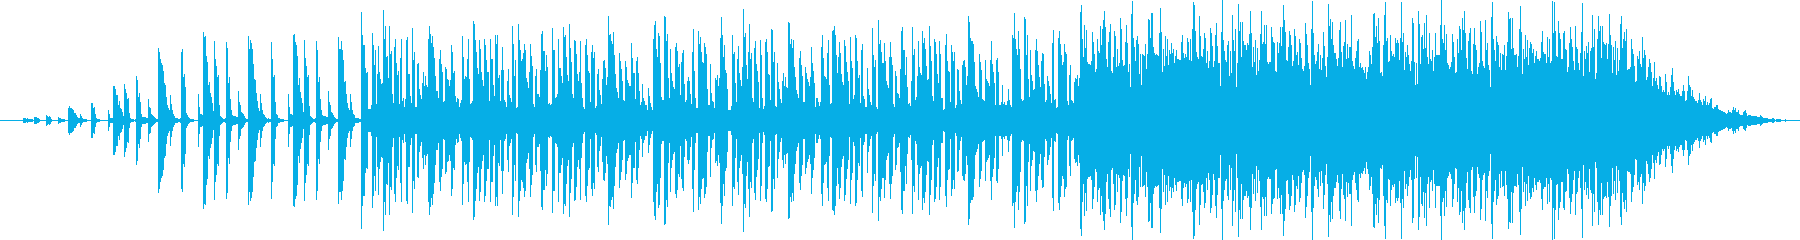 ローランド808ドラムサウンドと催...の再生済みの波形